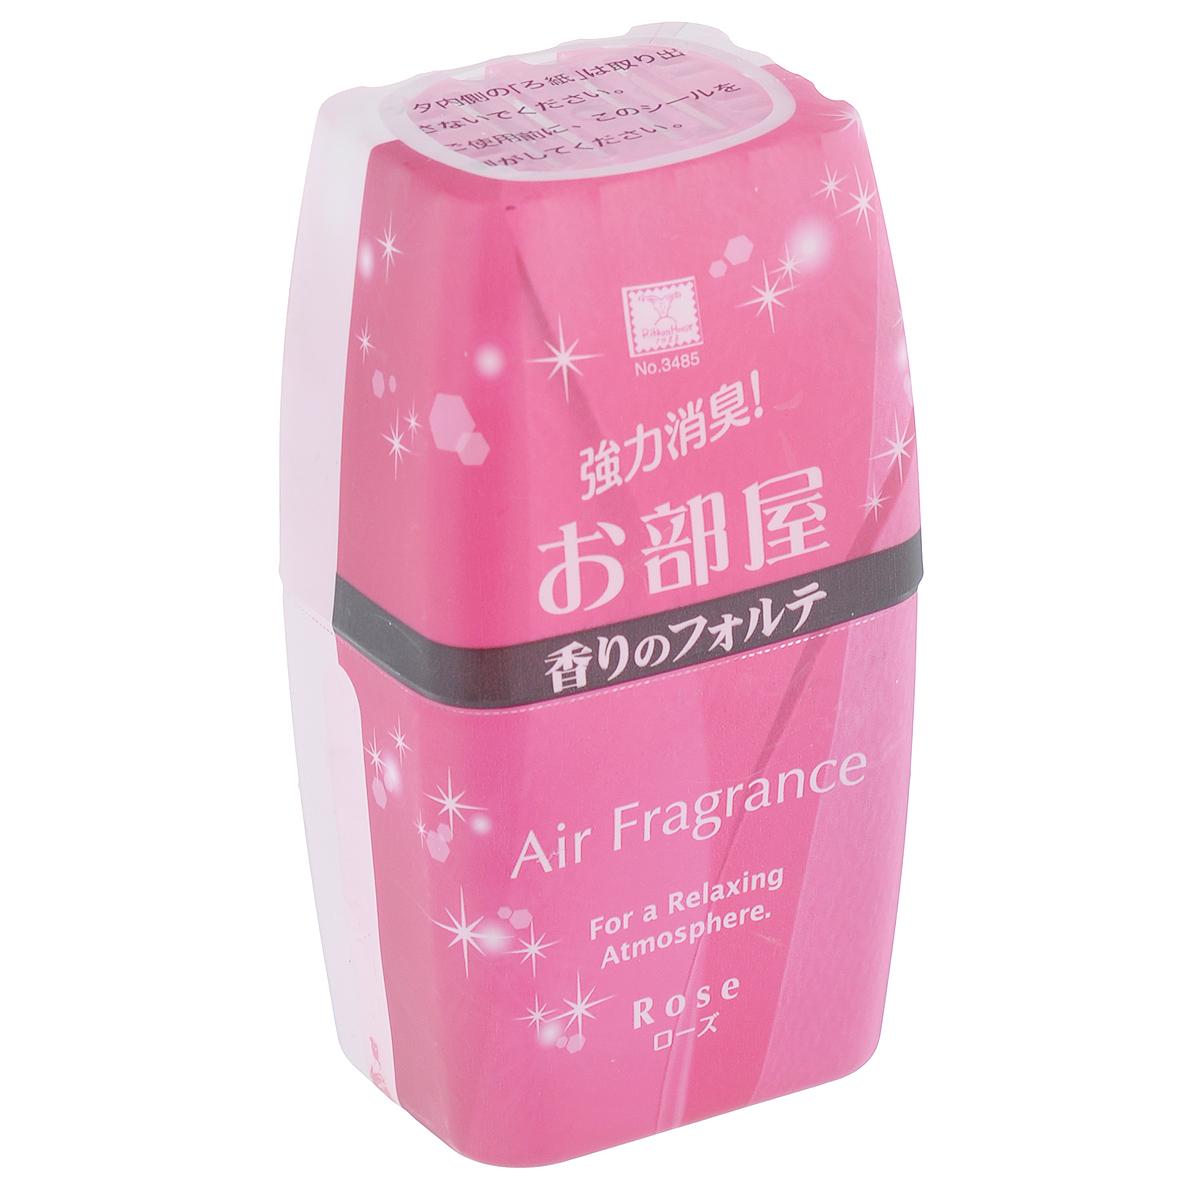 Фильтр посторонних запахов в комнате KOKUBO Air Fragrance, с ароматом розы, 200 мл234851Фильтр посторонних запахов KOKUBO Air Fragrance с ароматом розы предназначен для устранения неприятного запаха в комнате. Дезодорирующие компоненты фильтра посторонних запахов легко и быстро распространяются по всему пространству помещения, активизируются при наличии в воздухе неприятных запахов, обволакивают и нейтрализуют их.Имеет универсальный дизайн, подходящий для любой комнаты. Безопасен в применении. Состав: дезодорант на жидкой основе, ПАВ (нейтрализаторы запаха), отдушка высокого качества, ПАВ (неионогенные < 5%, анионные < 2%).